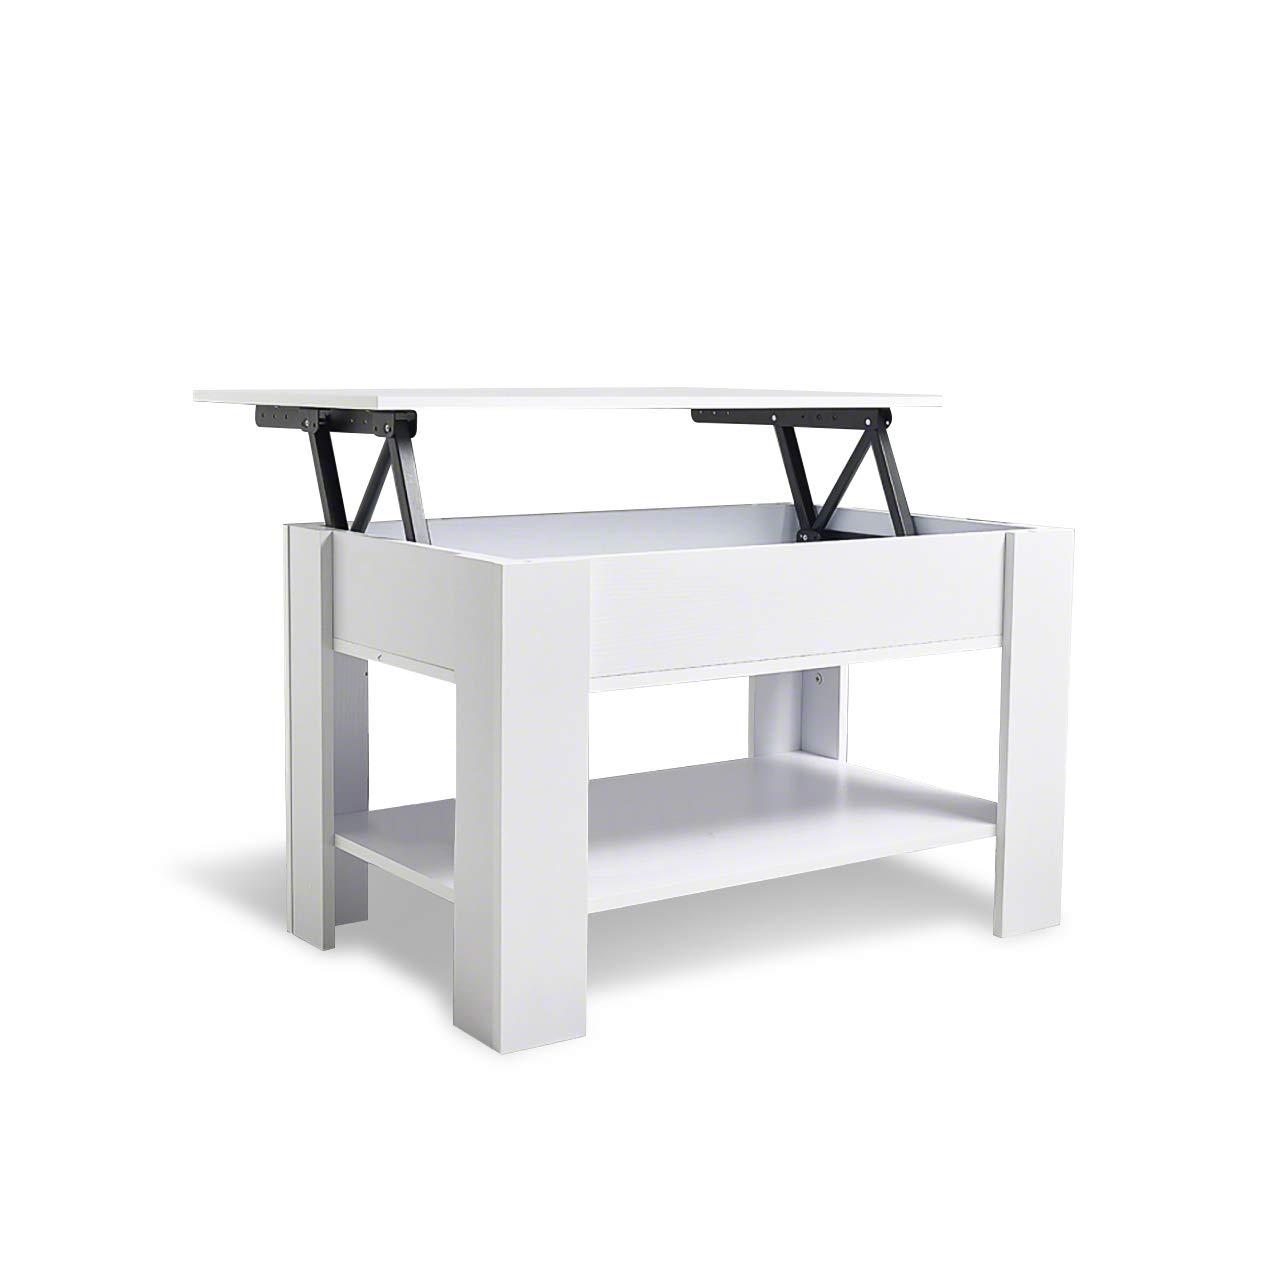 Laura James - Tavolino da caffè con piano rialzabile e vano portaoggetti Walnut AGTC Ltd.